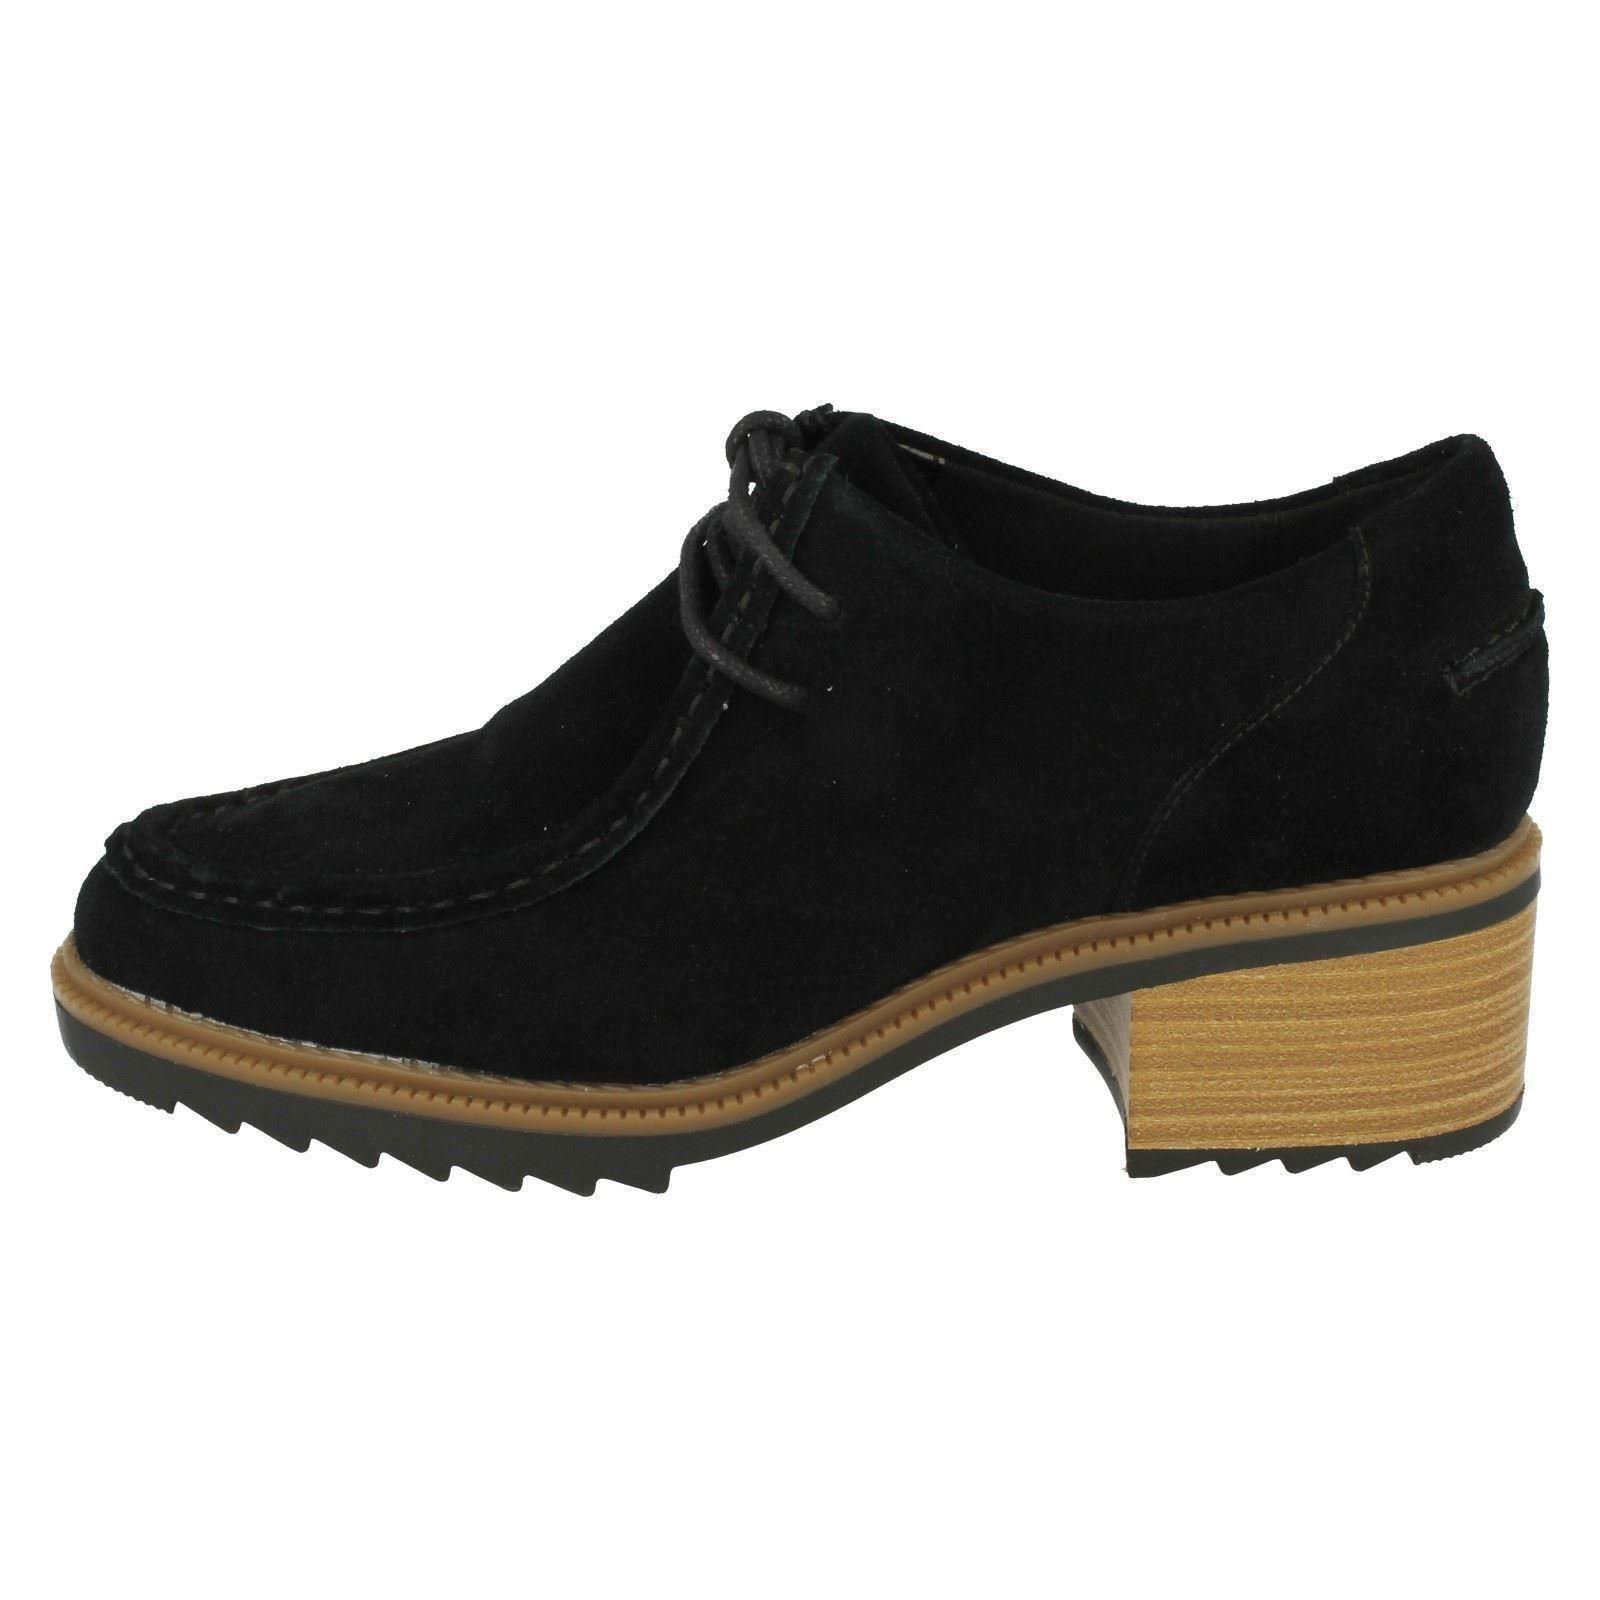 Damas Clarks Zapatos Taco Grueso, Balmer Willow